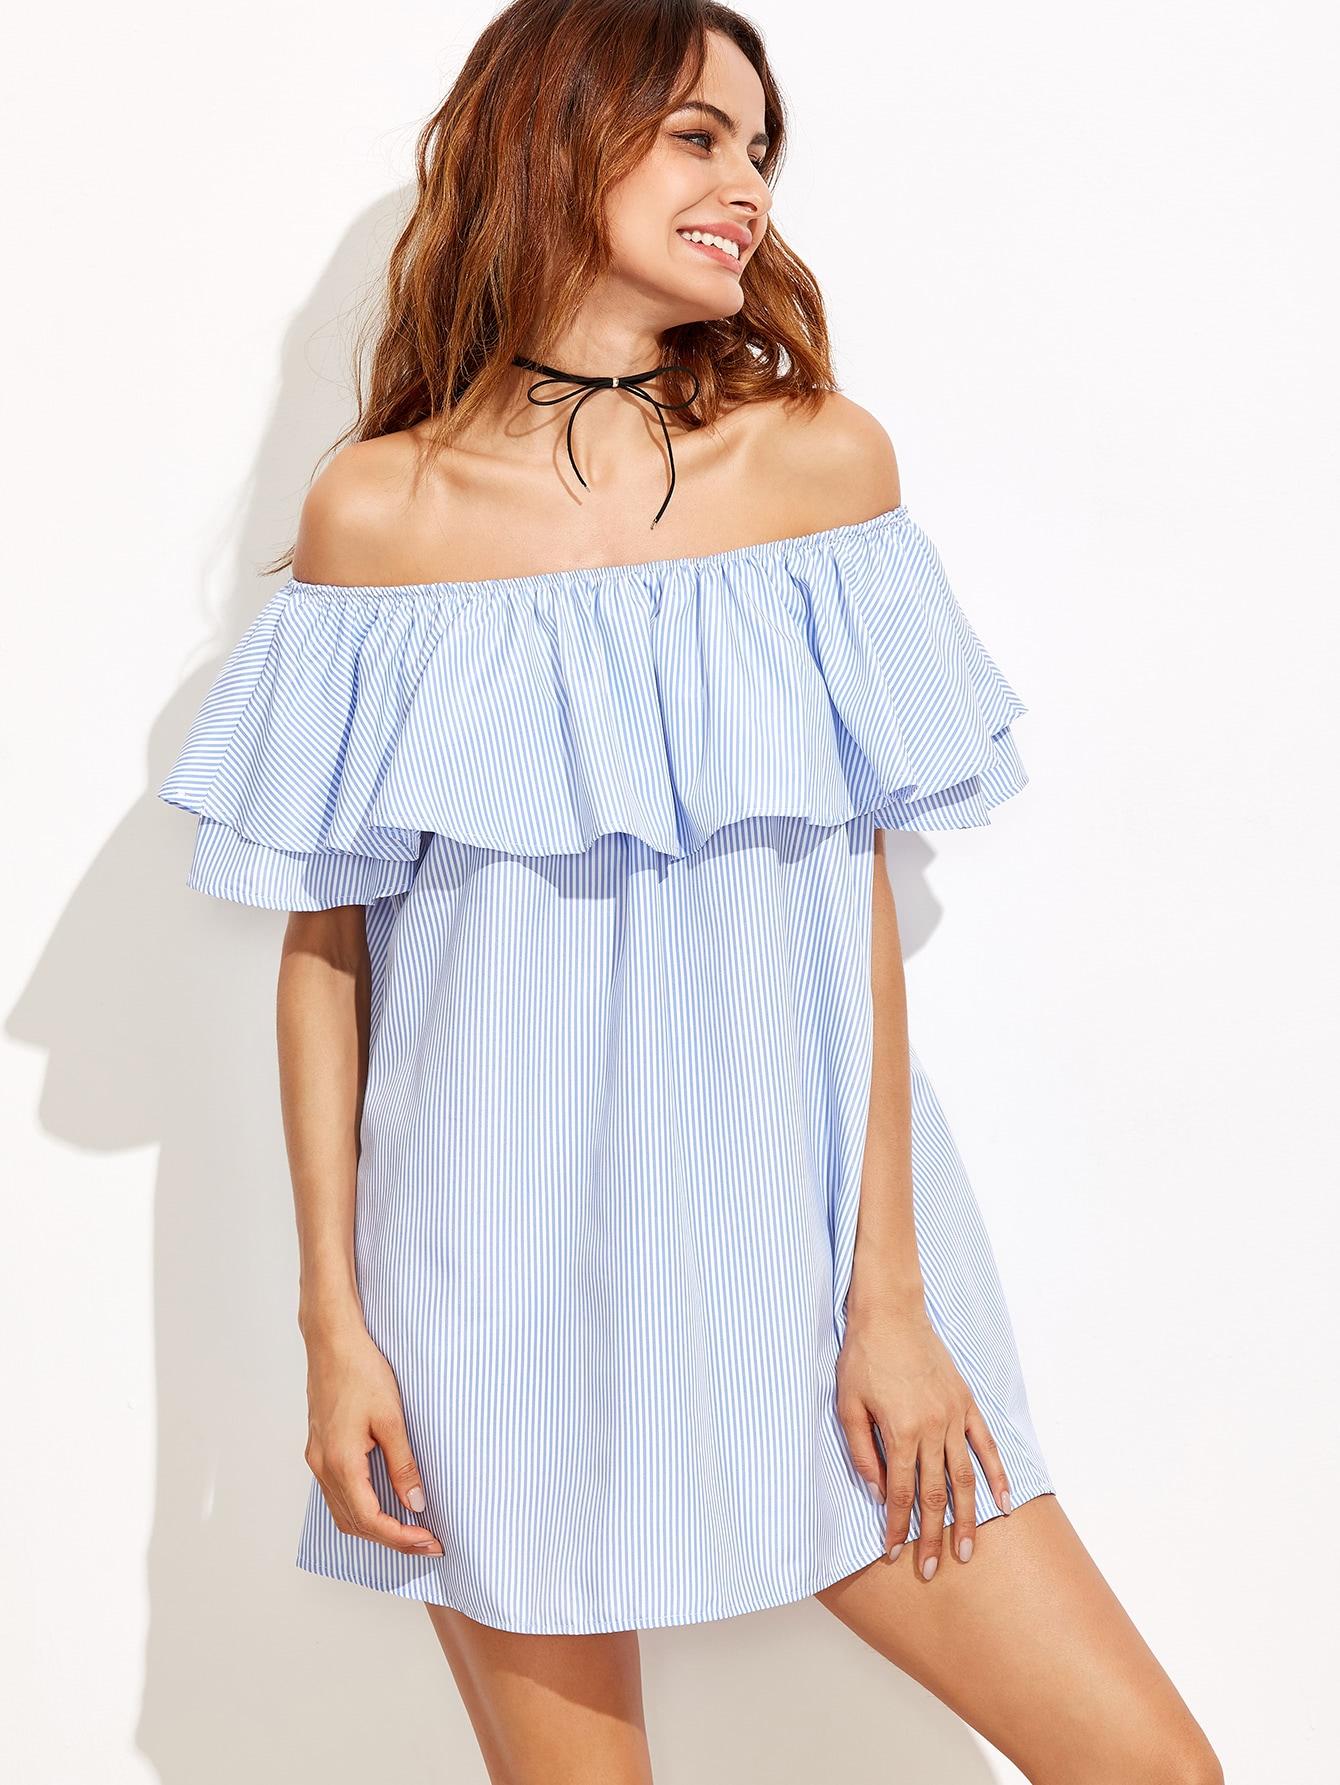 dress160905121_2